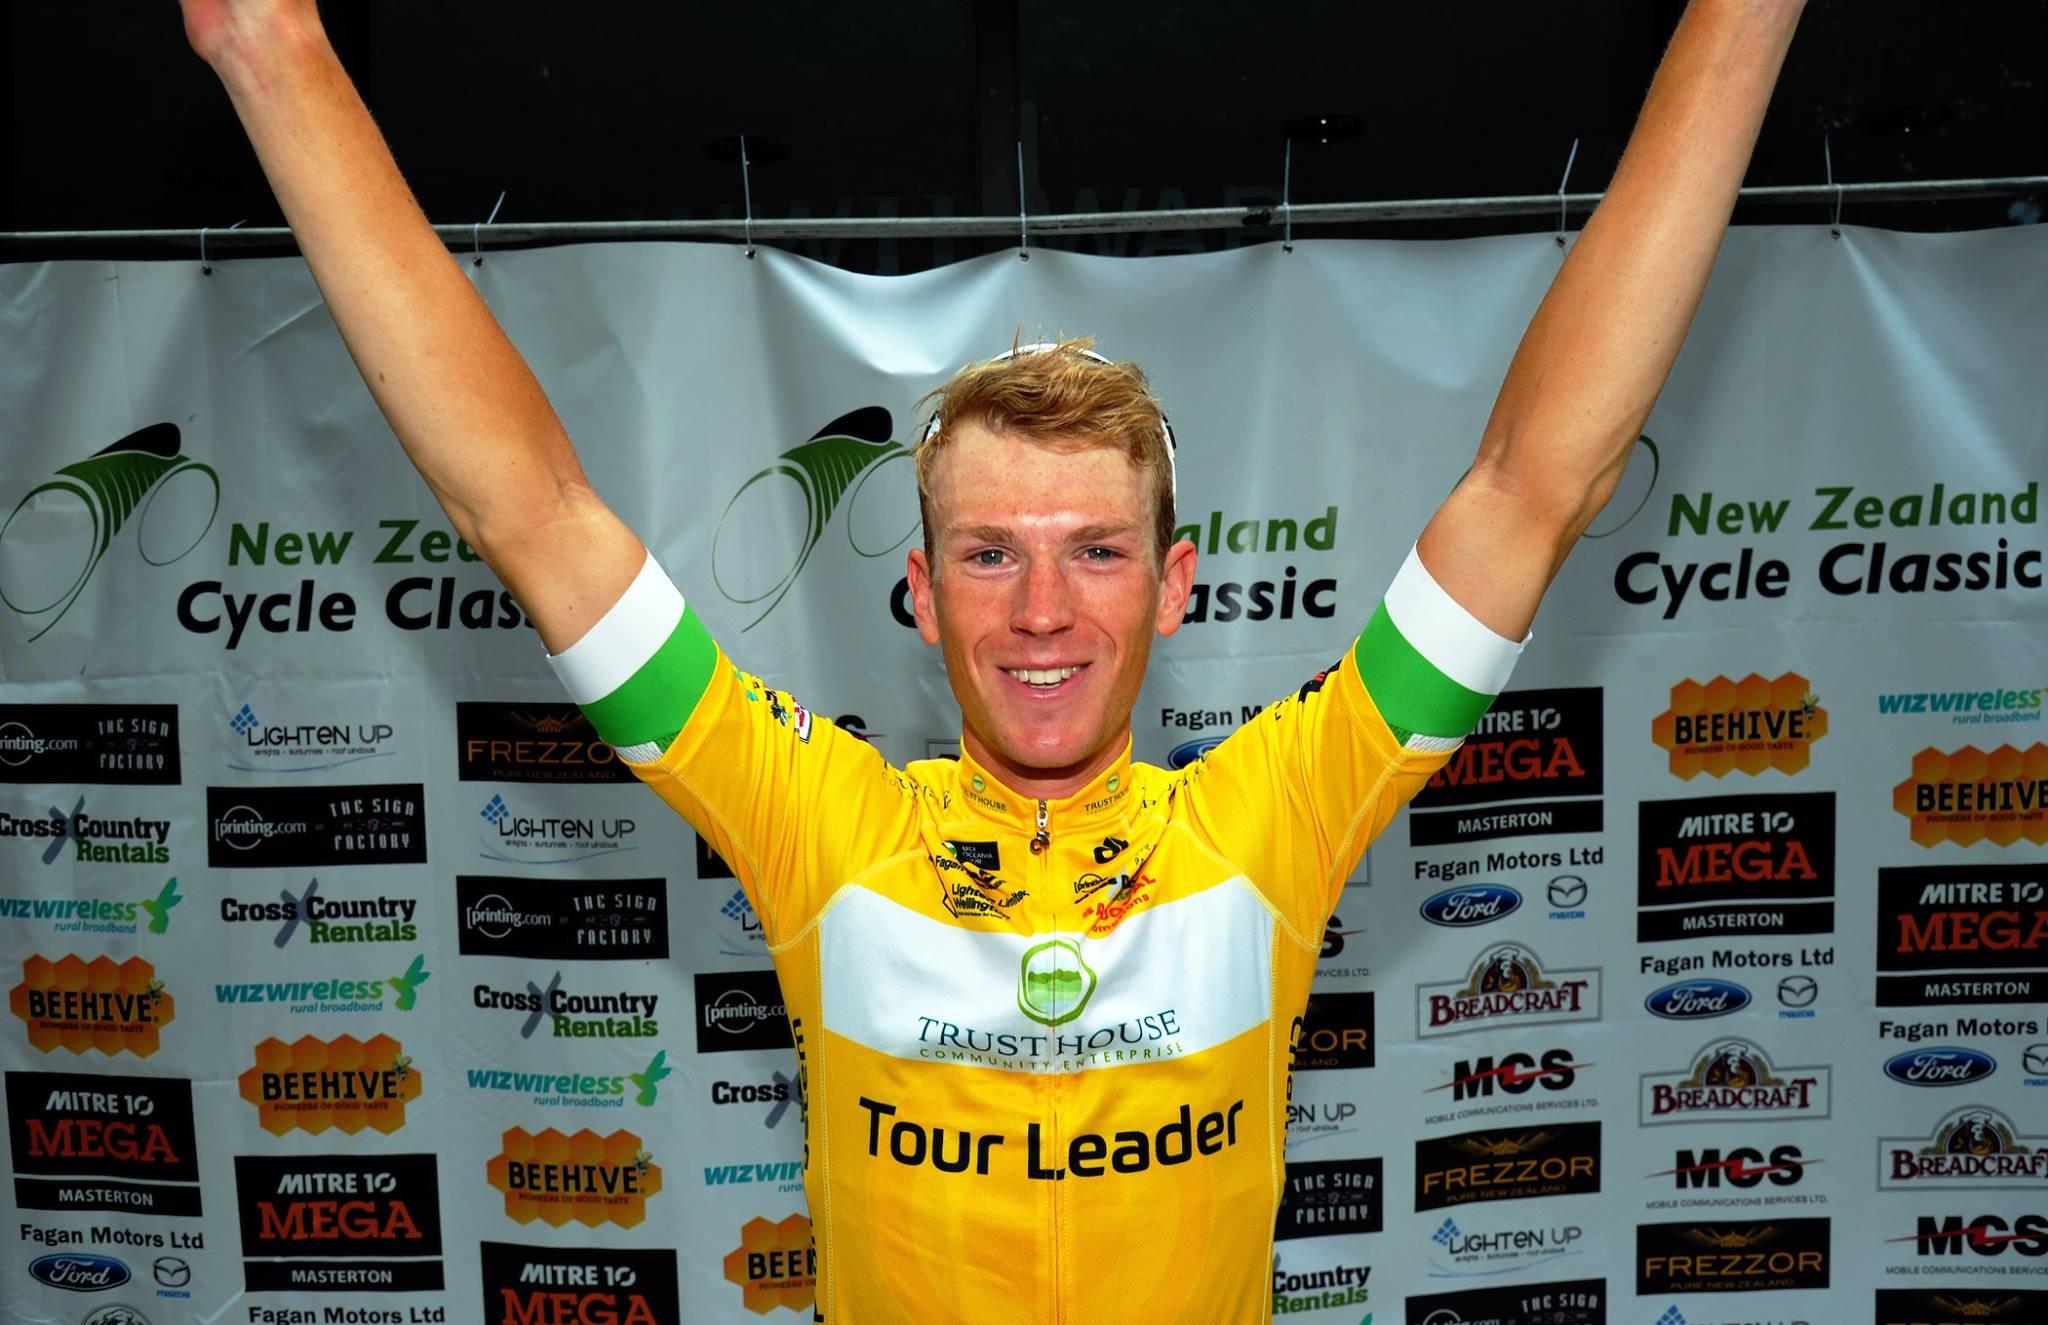 Николас Реддиш выиграл первый этап велогонки New Zealand Cycle Classic